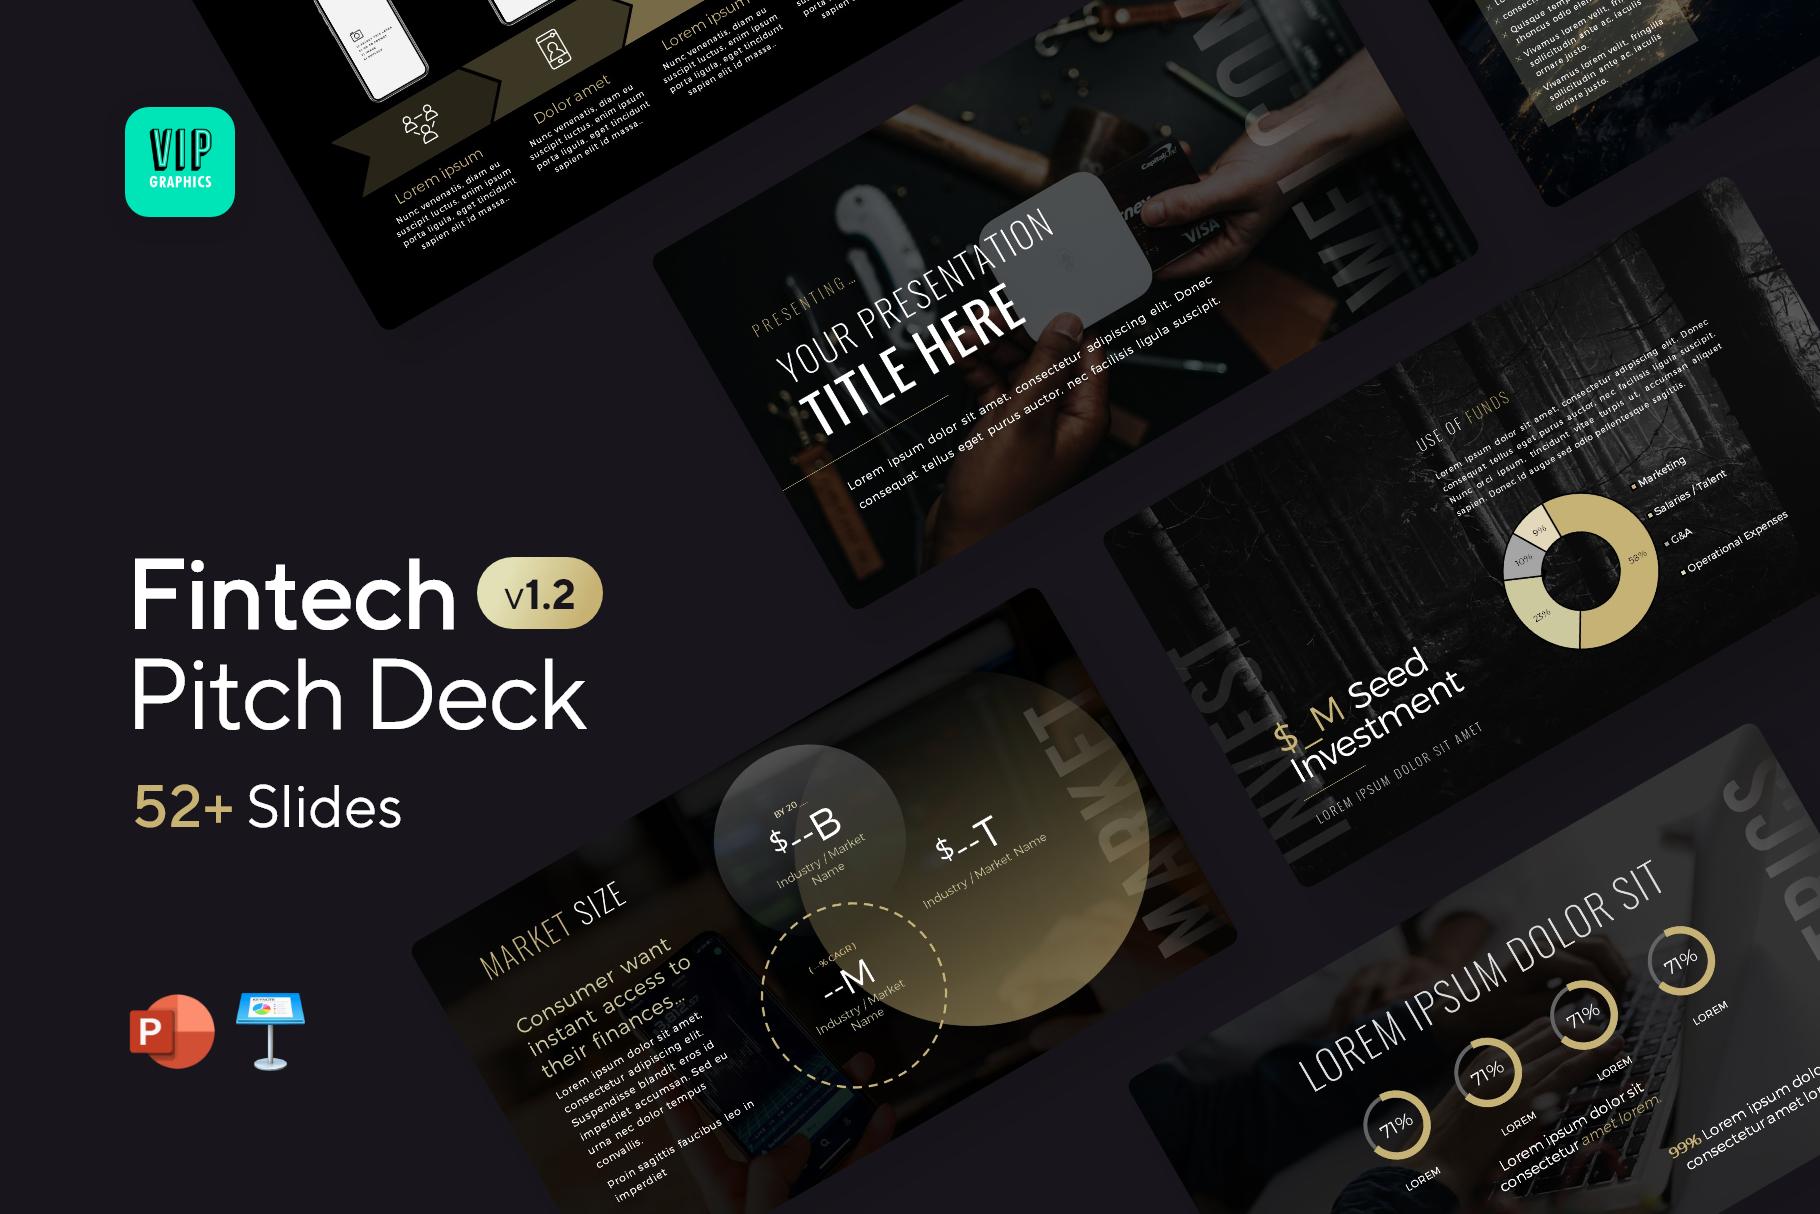 Fintech Pitch Deck Template - Startup Technology Presentation | VIP.graphics